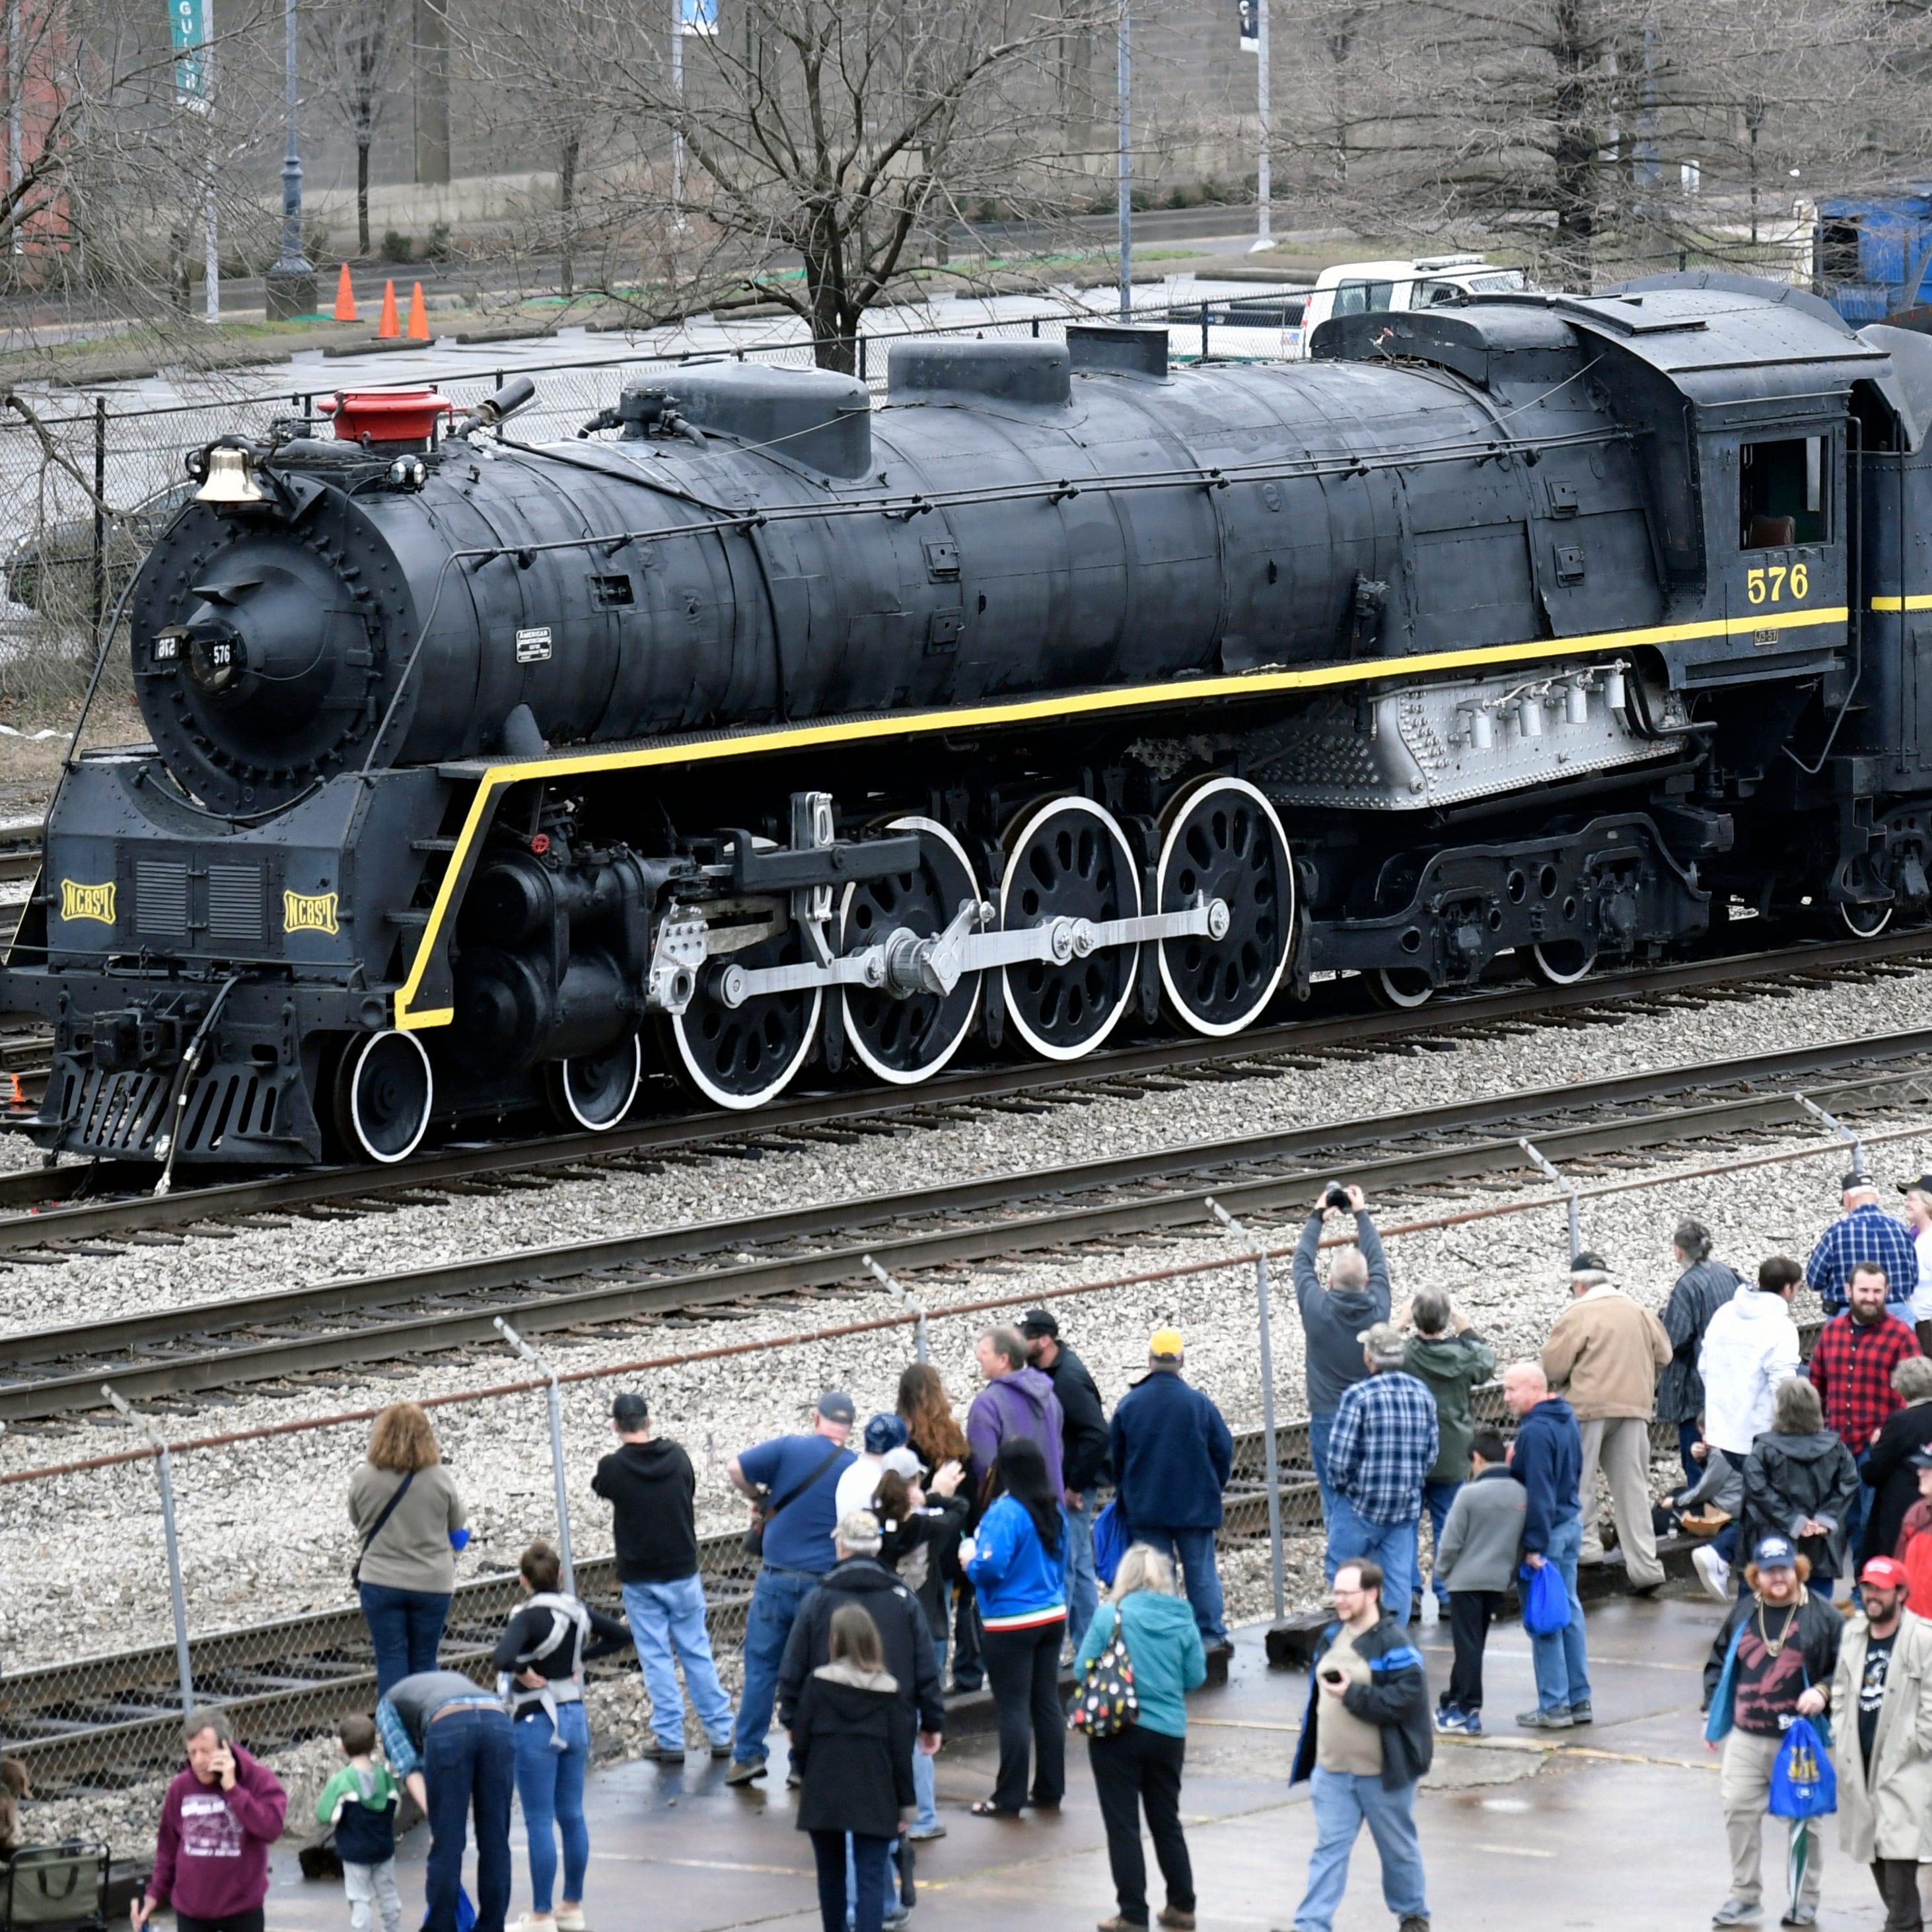 Centennial Park's World War II-era steam locomotive returns home after more than 65 years